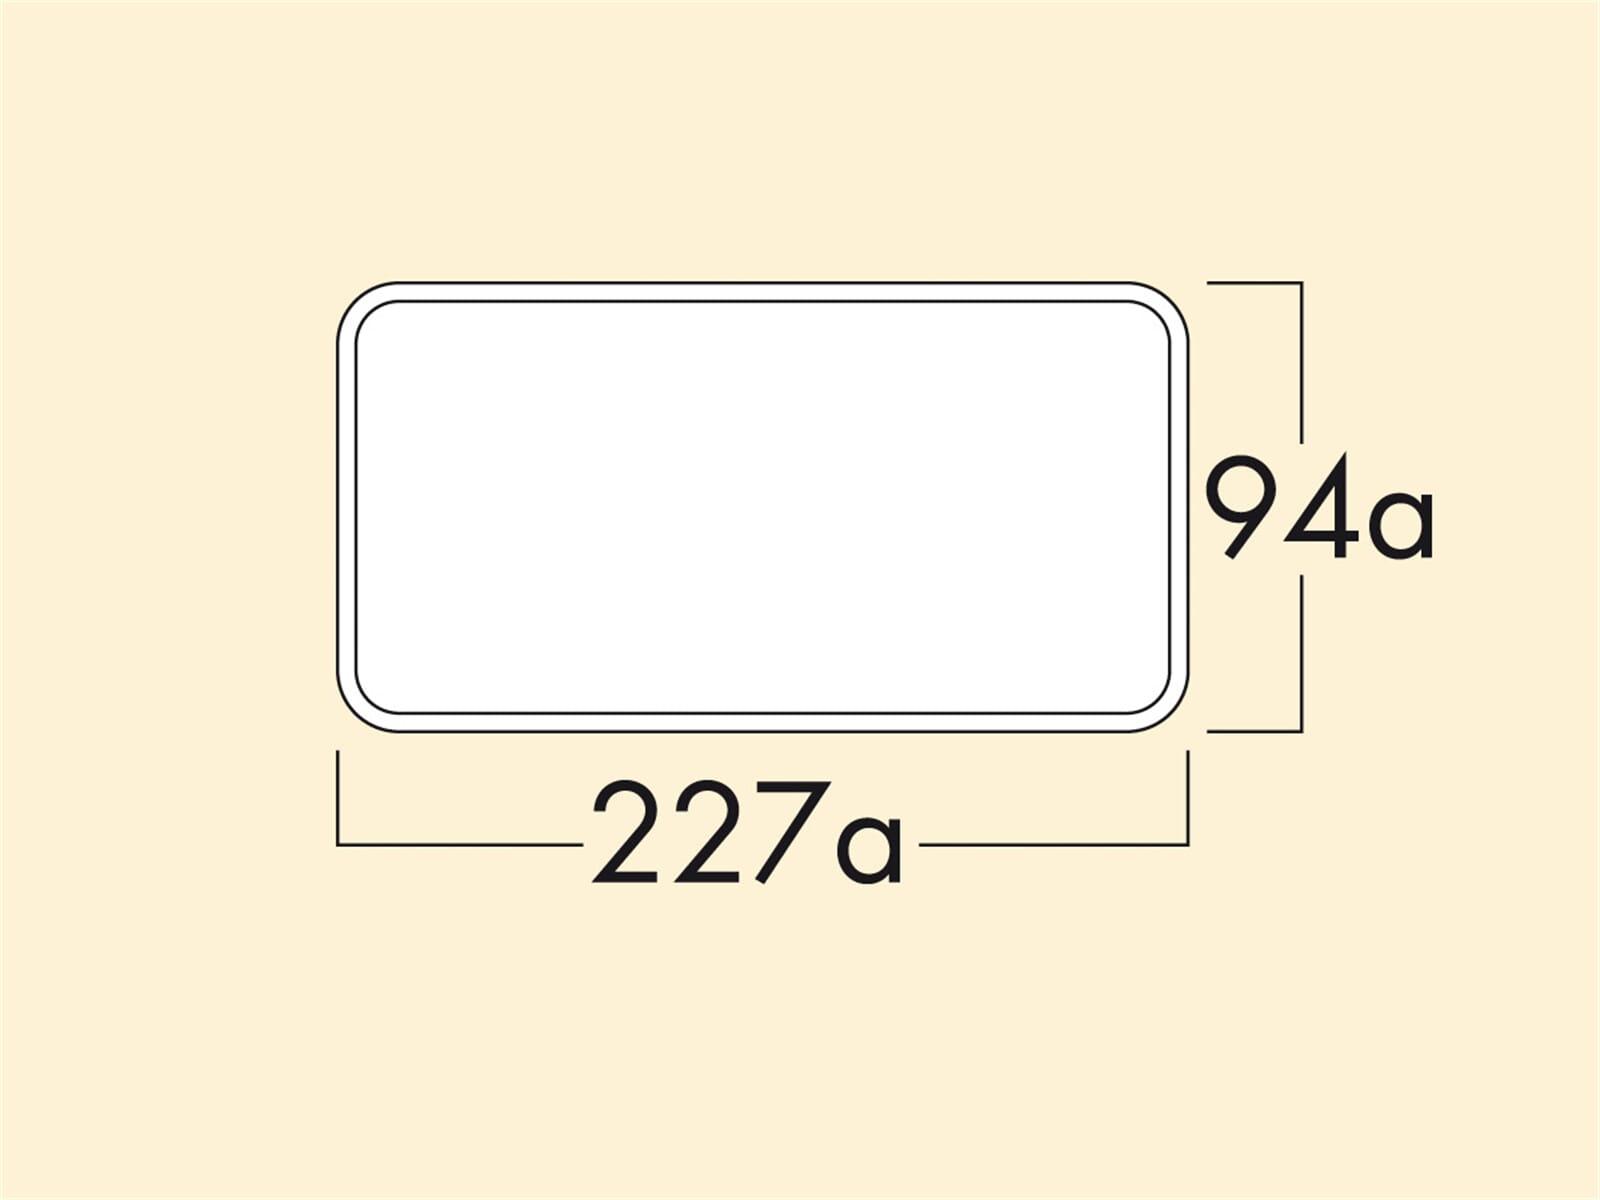 Compair 404.4.051 K-Klima_R flow 150 Mauerkasten